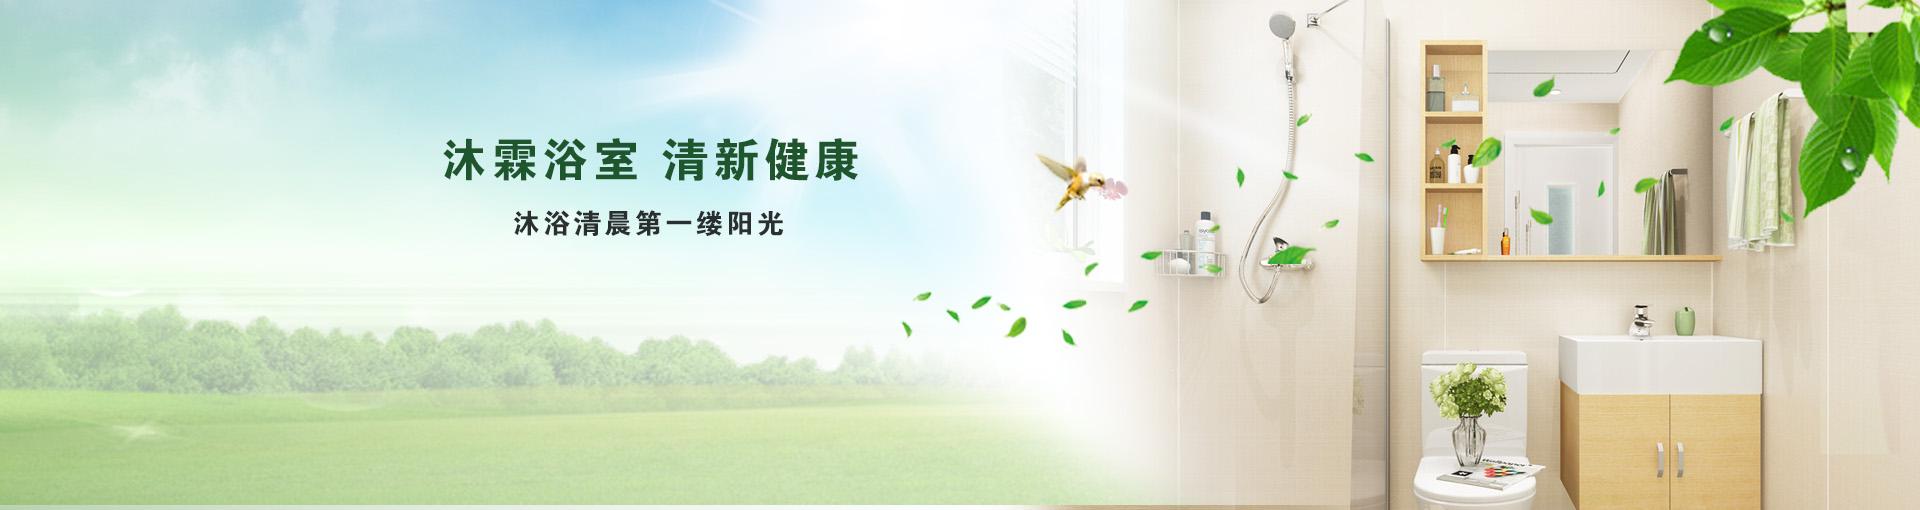 沐霖浴室 清新健康